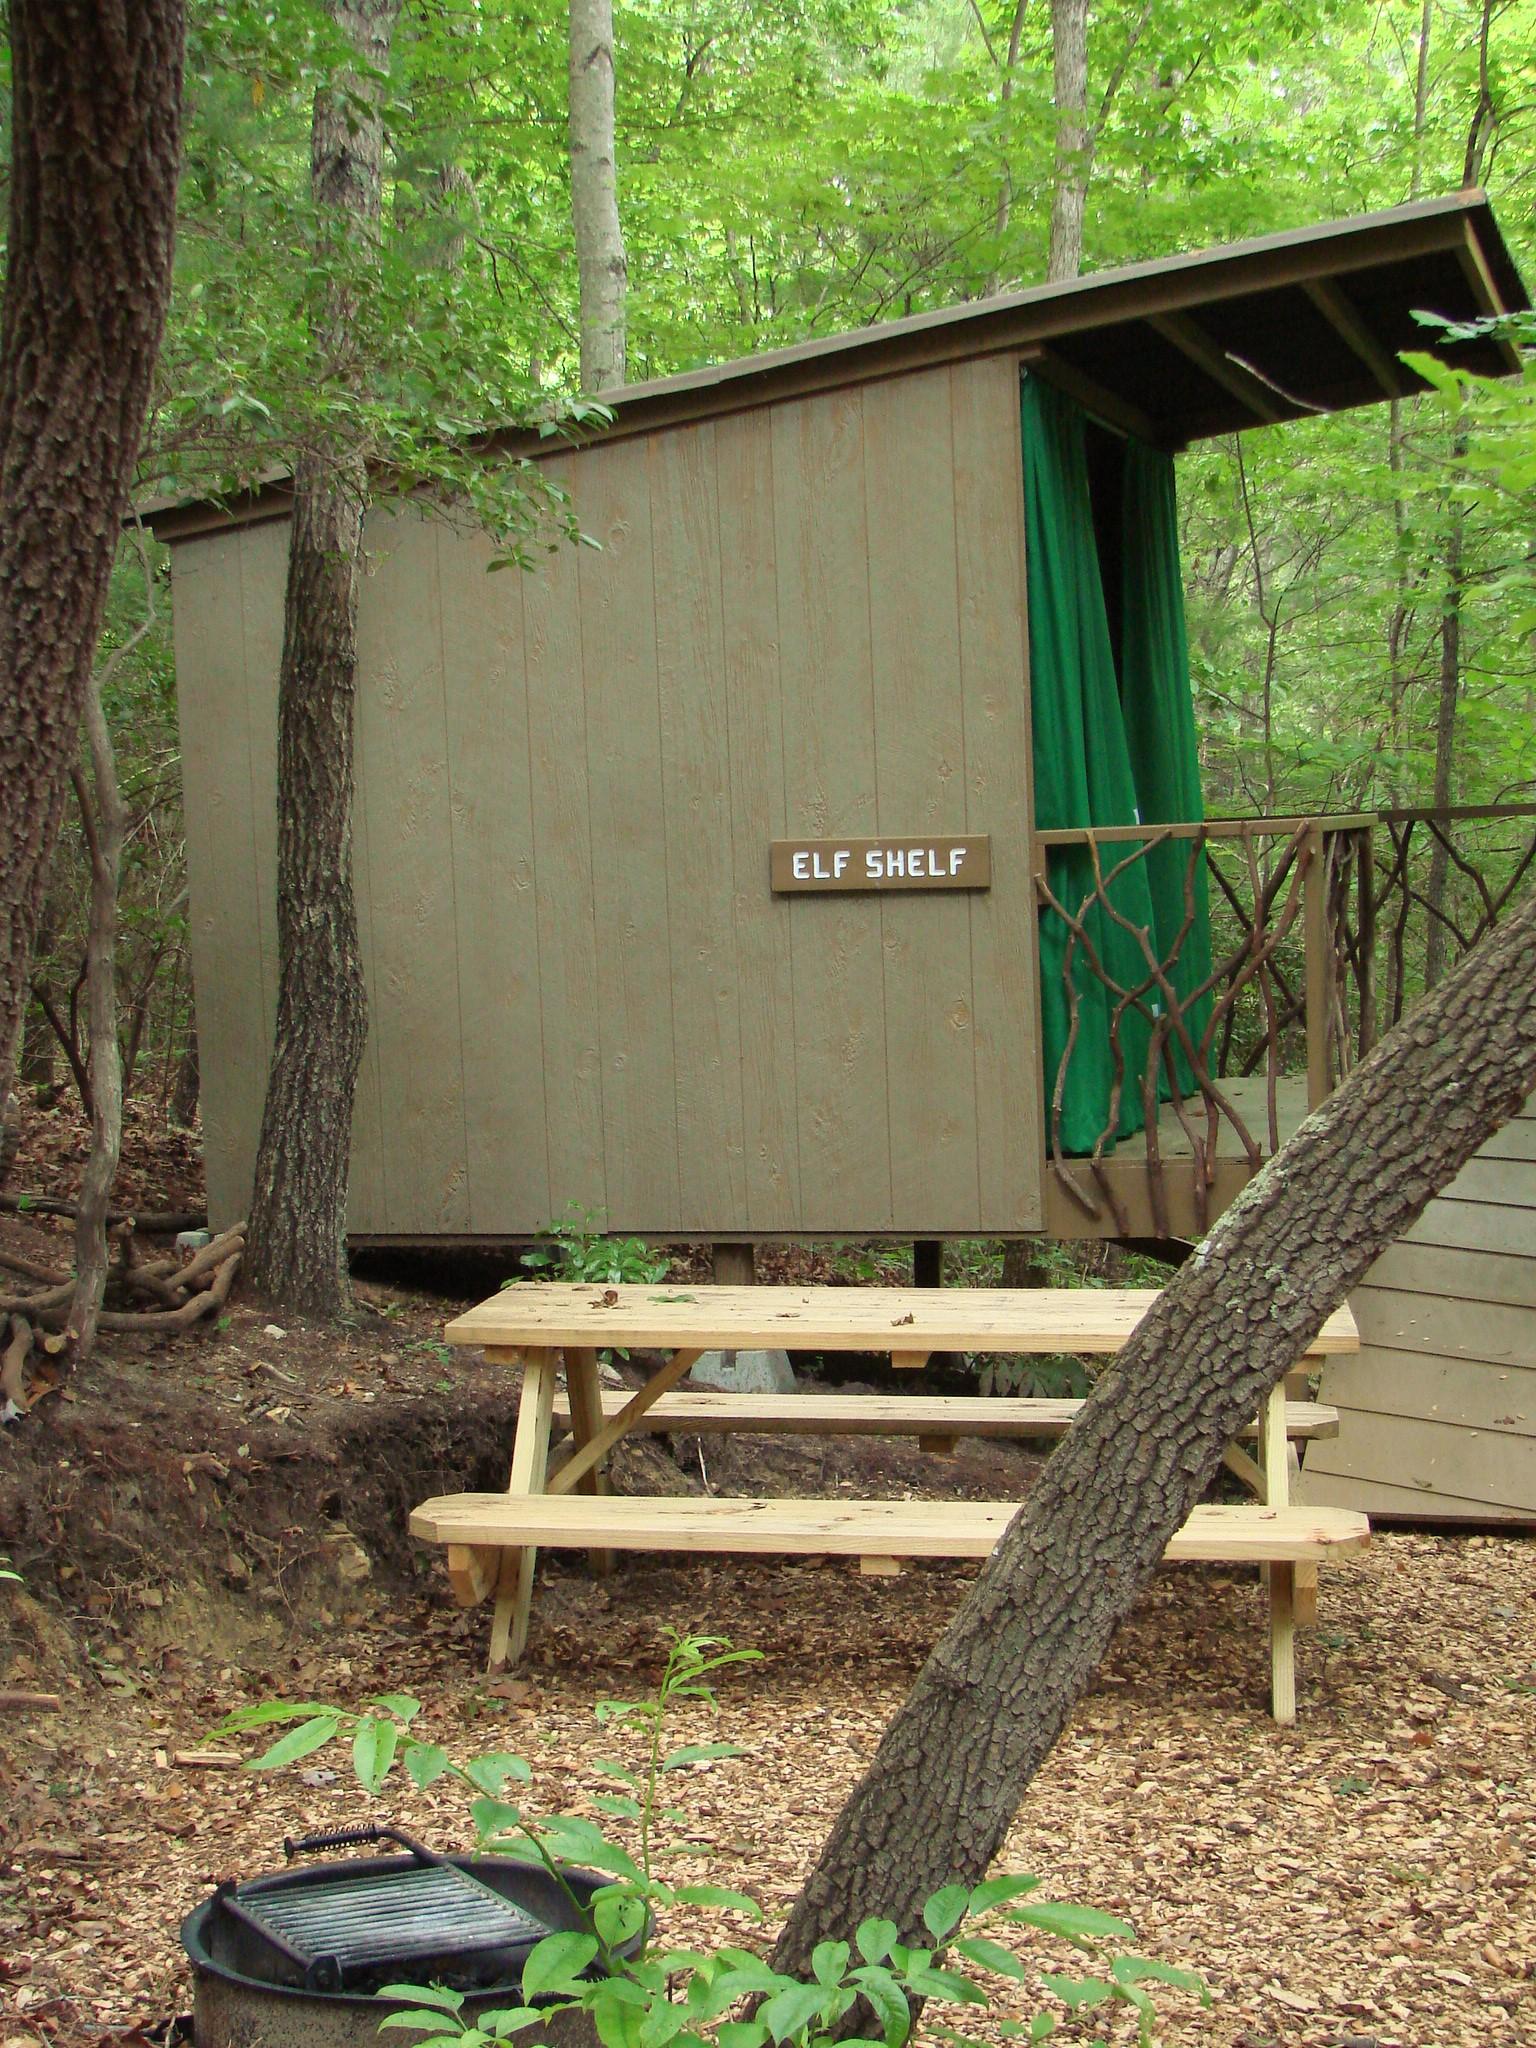 The Elf Shelf Site